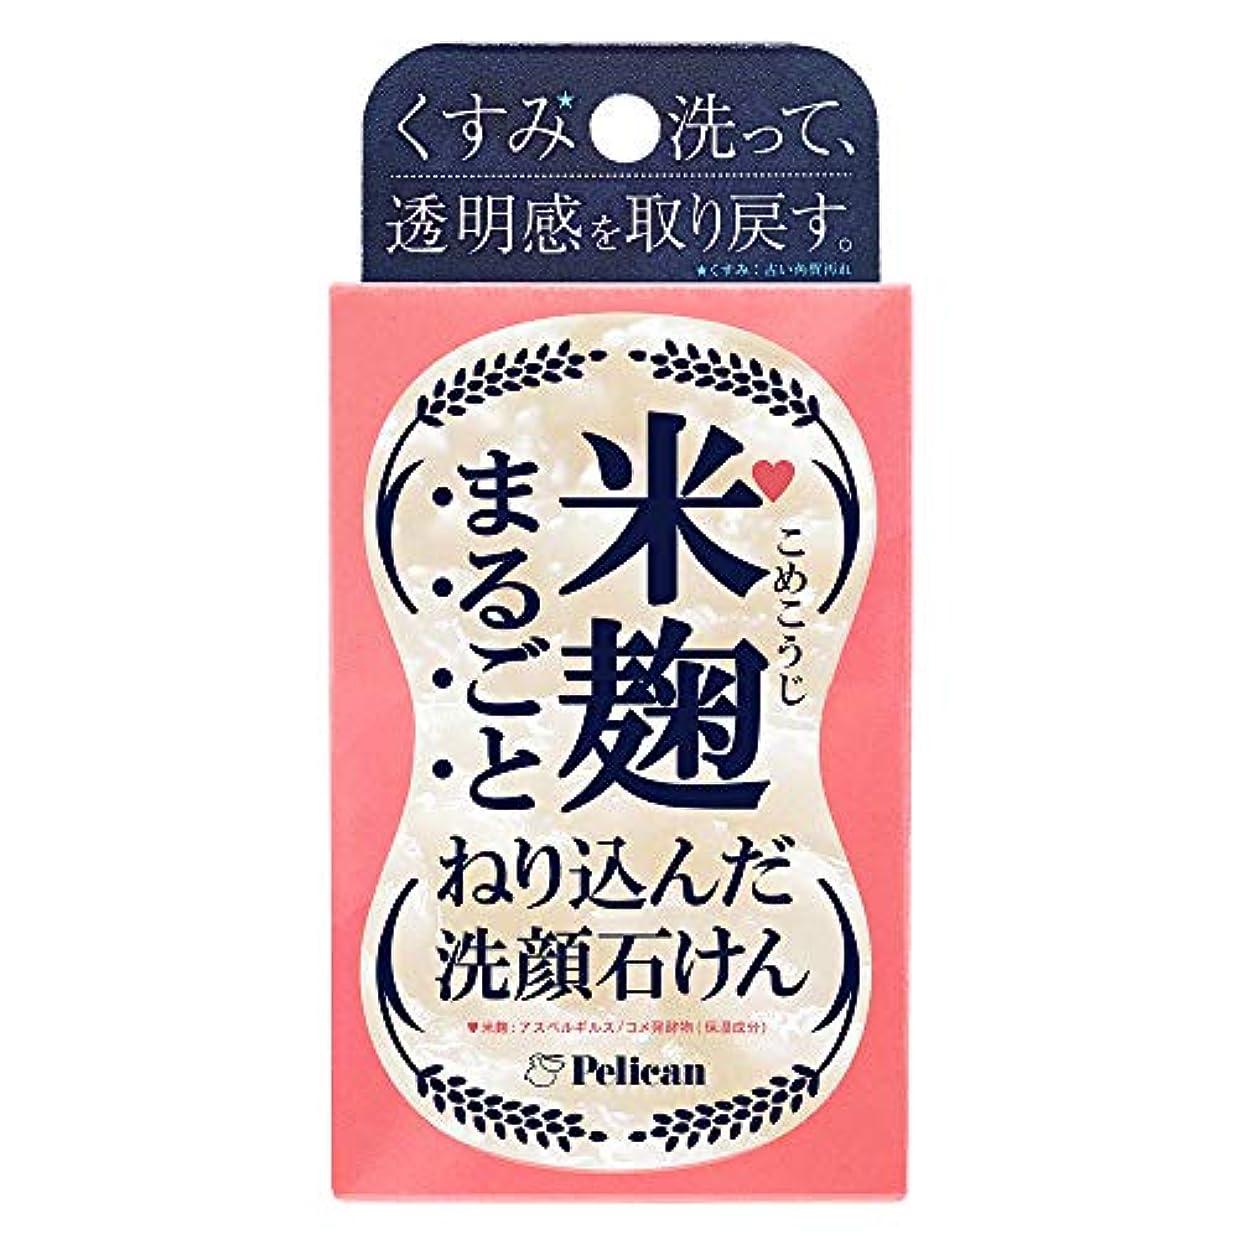 文献チャネル曲線ペリカン石鹸 米麹まるごとねり込んだ洗顔石けん 75g